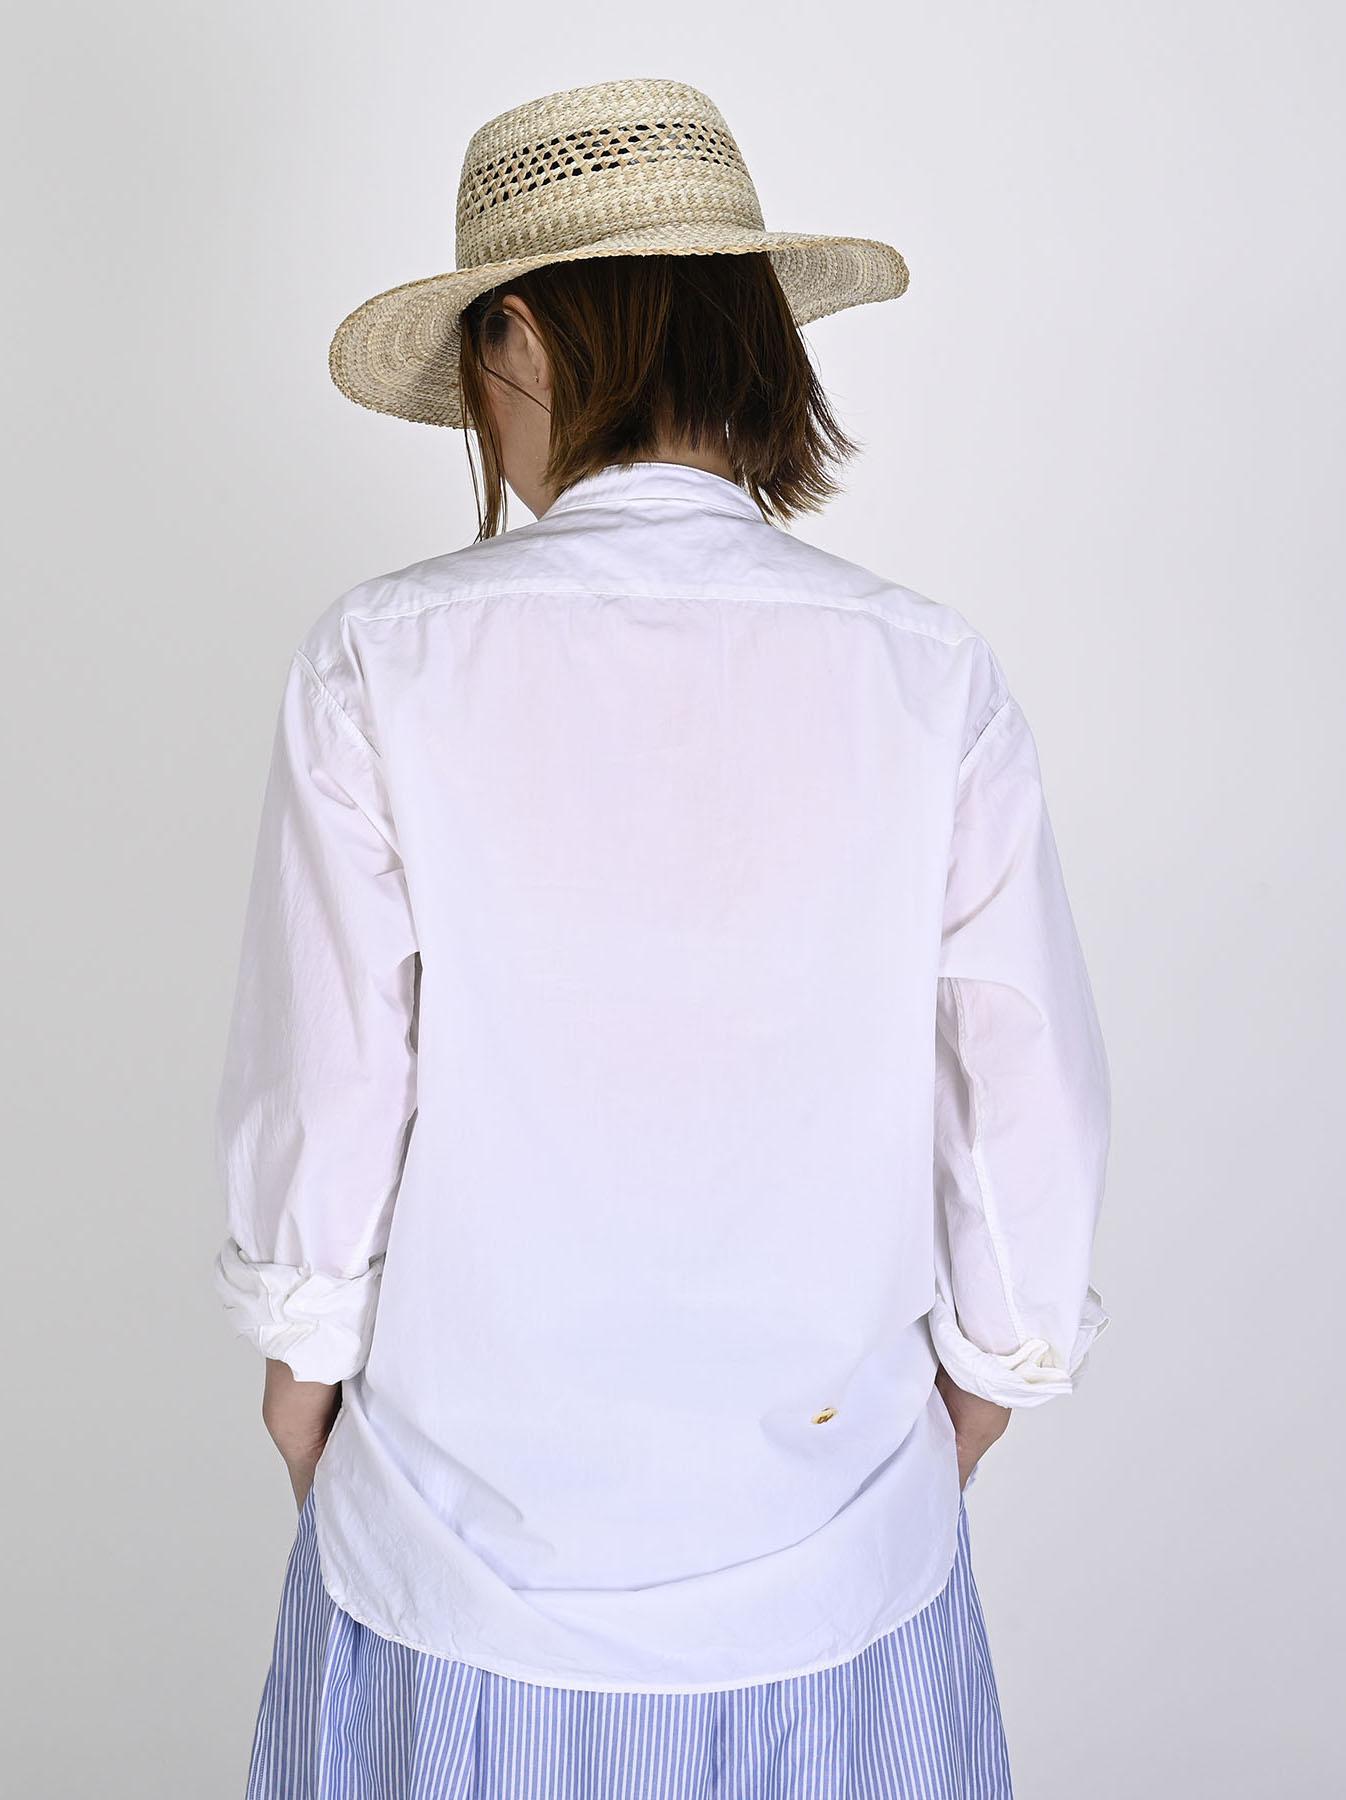 Damp 908 Stand Ocean Shirt(0721)-4